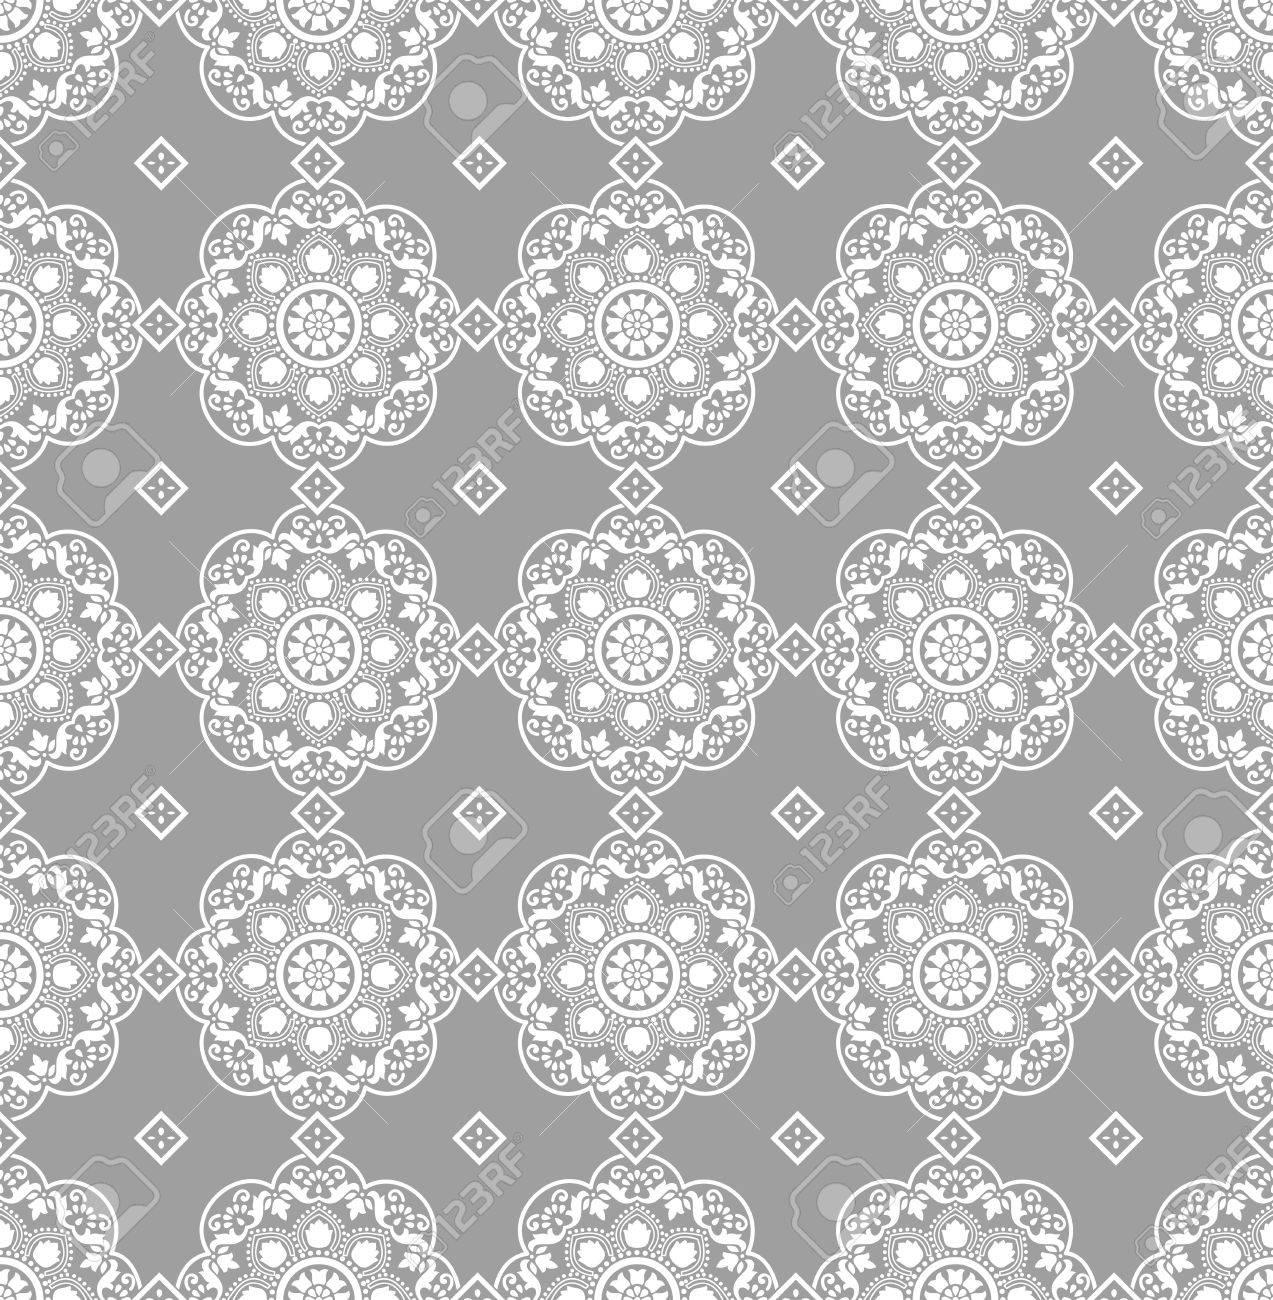 Silver seamless wallpaper Stock Vector - 16978198